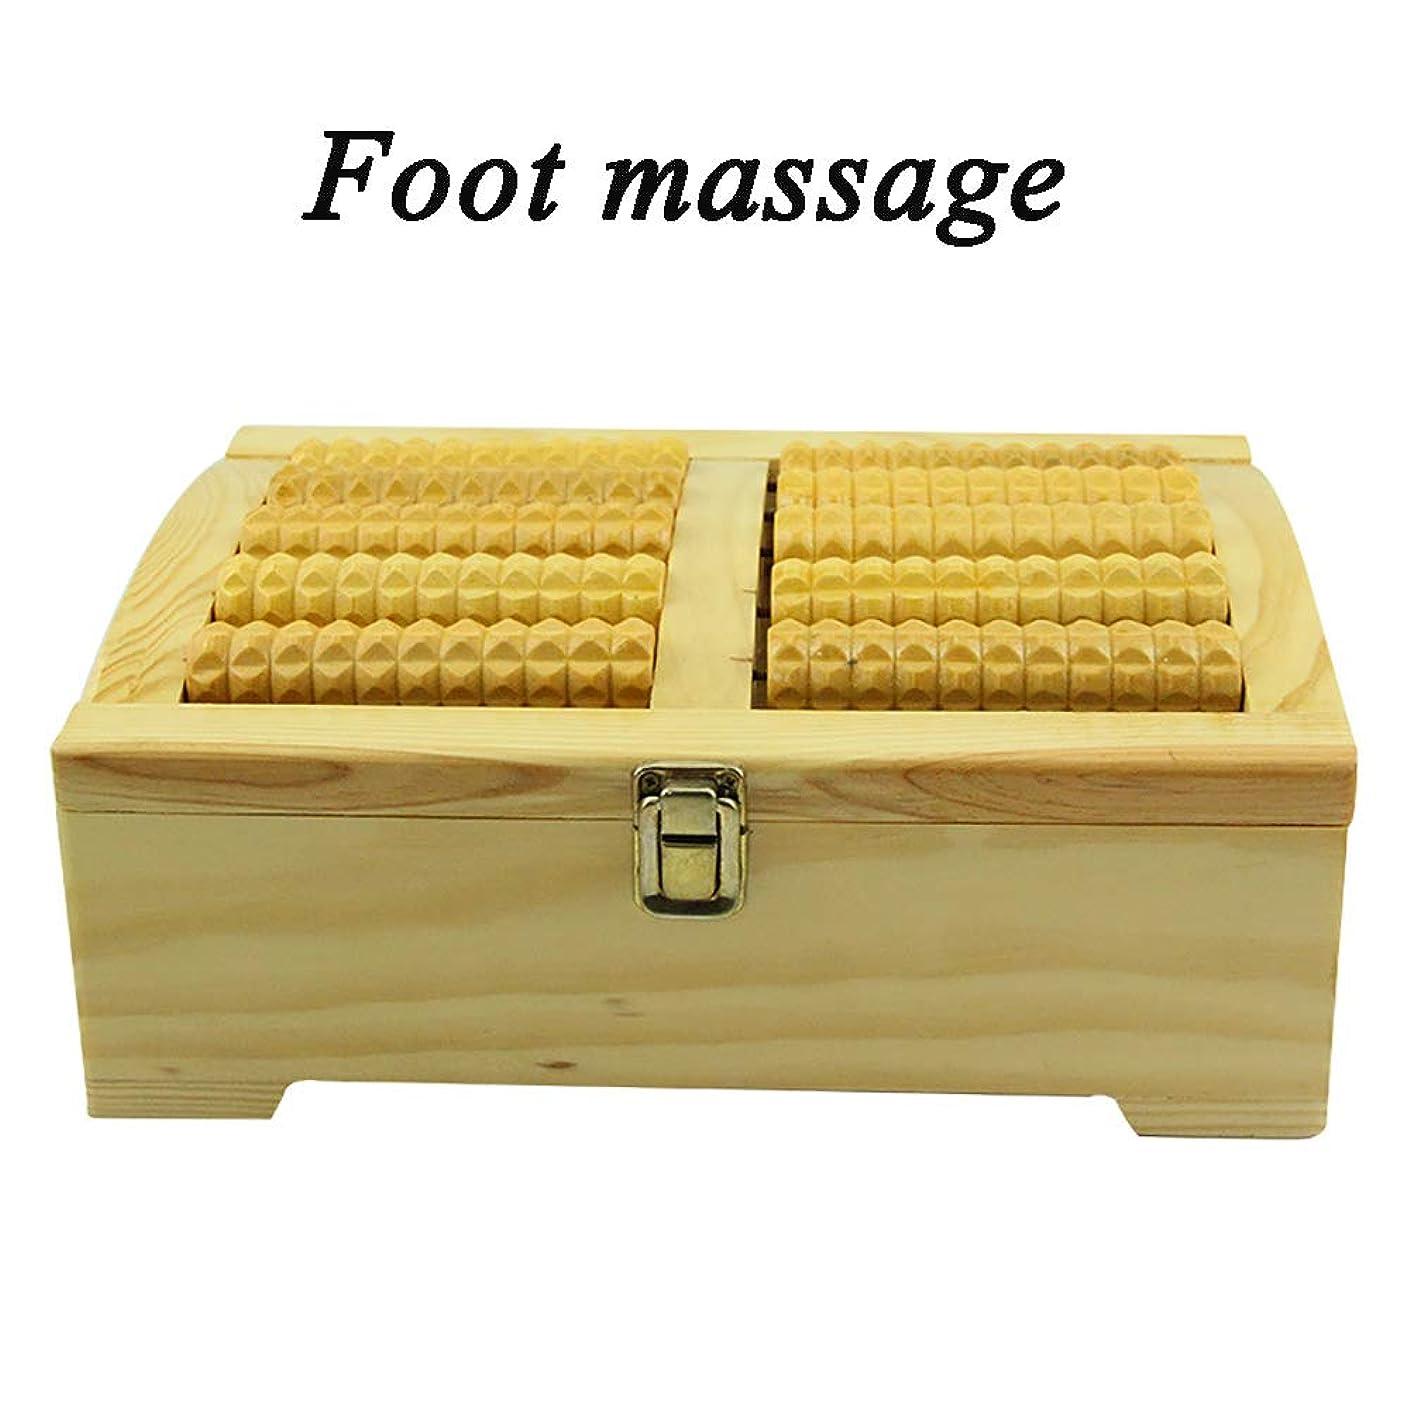 要旨ポーク合金足のマッサージトマッサージャーフットマッサージローラー、リラクゼーション、足の痛み、足底筋膜炎ストレスリリーフ